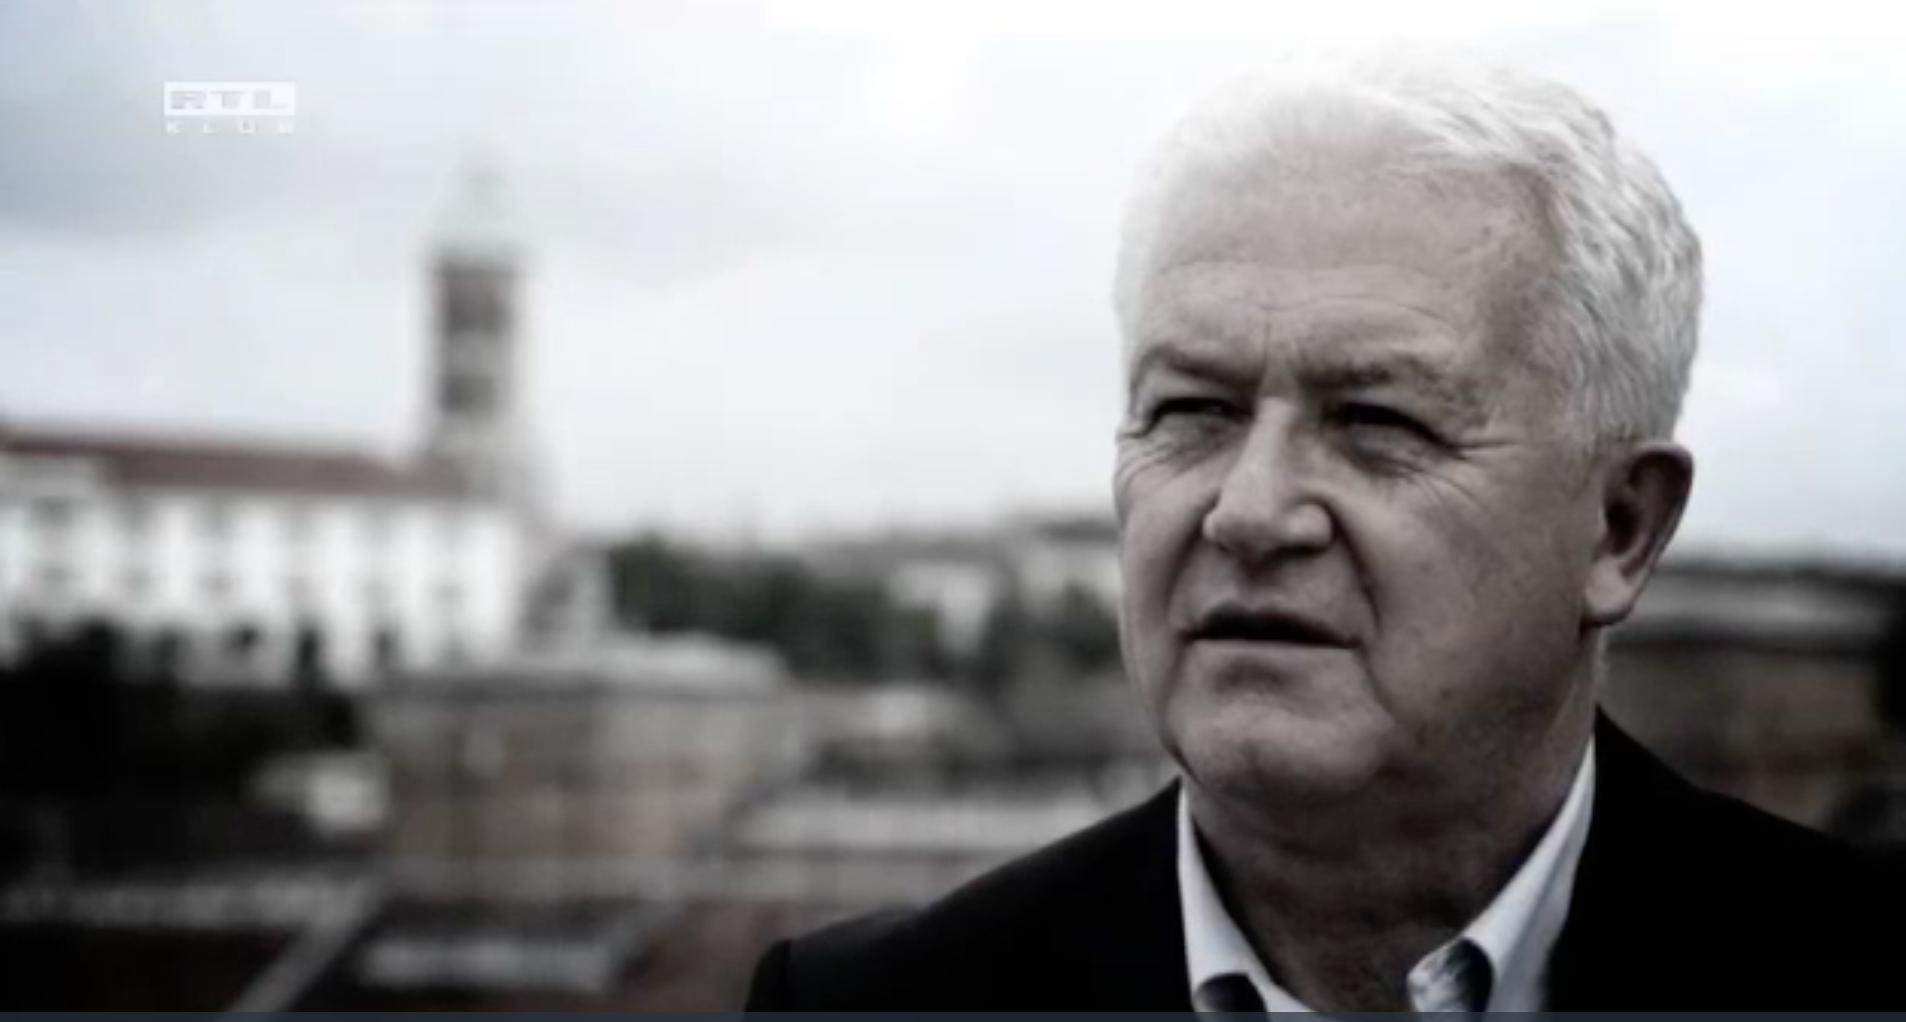 Harminc év után távozik a médiából a Ringier Axel Springert vezető Bayer József